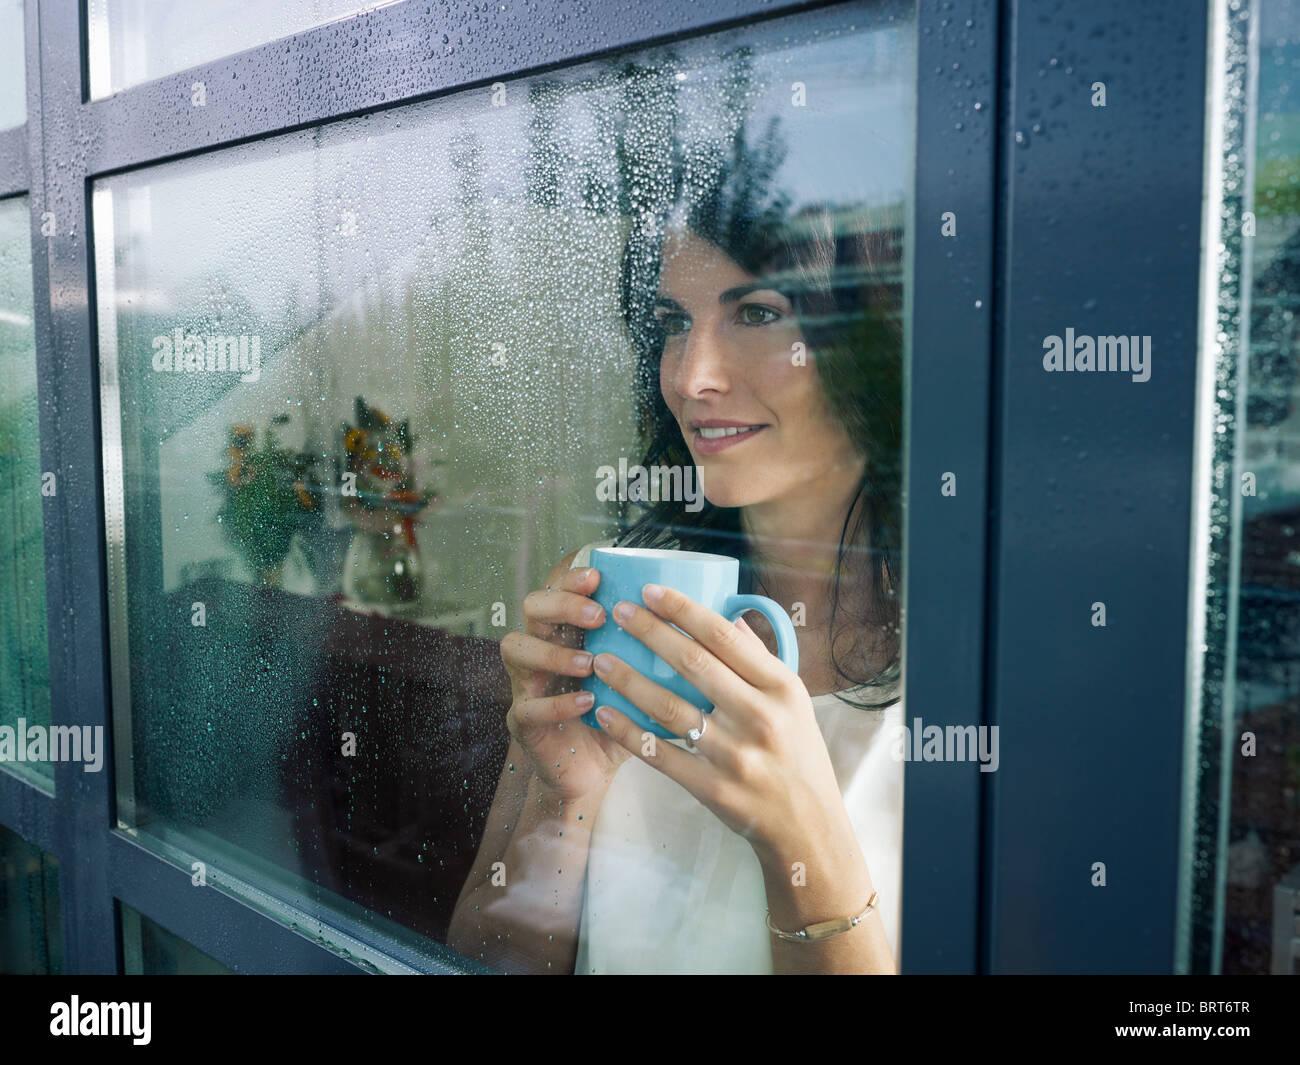 Mitte Erwachsene Frau Kaffee trinken und Blick aus dem Fenster an regnerischen Tag. Horizontale Form Stockbild